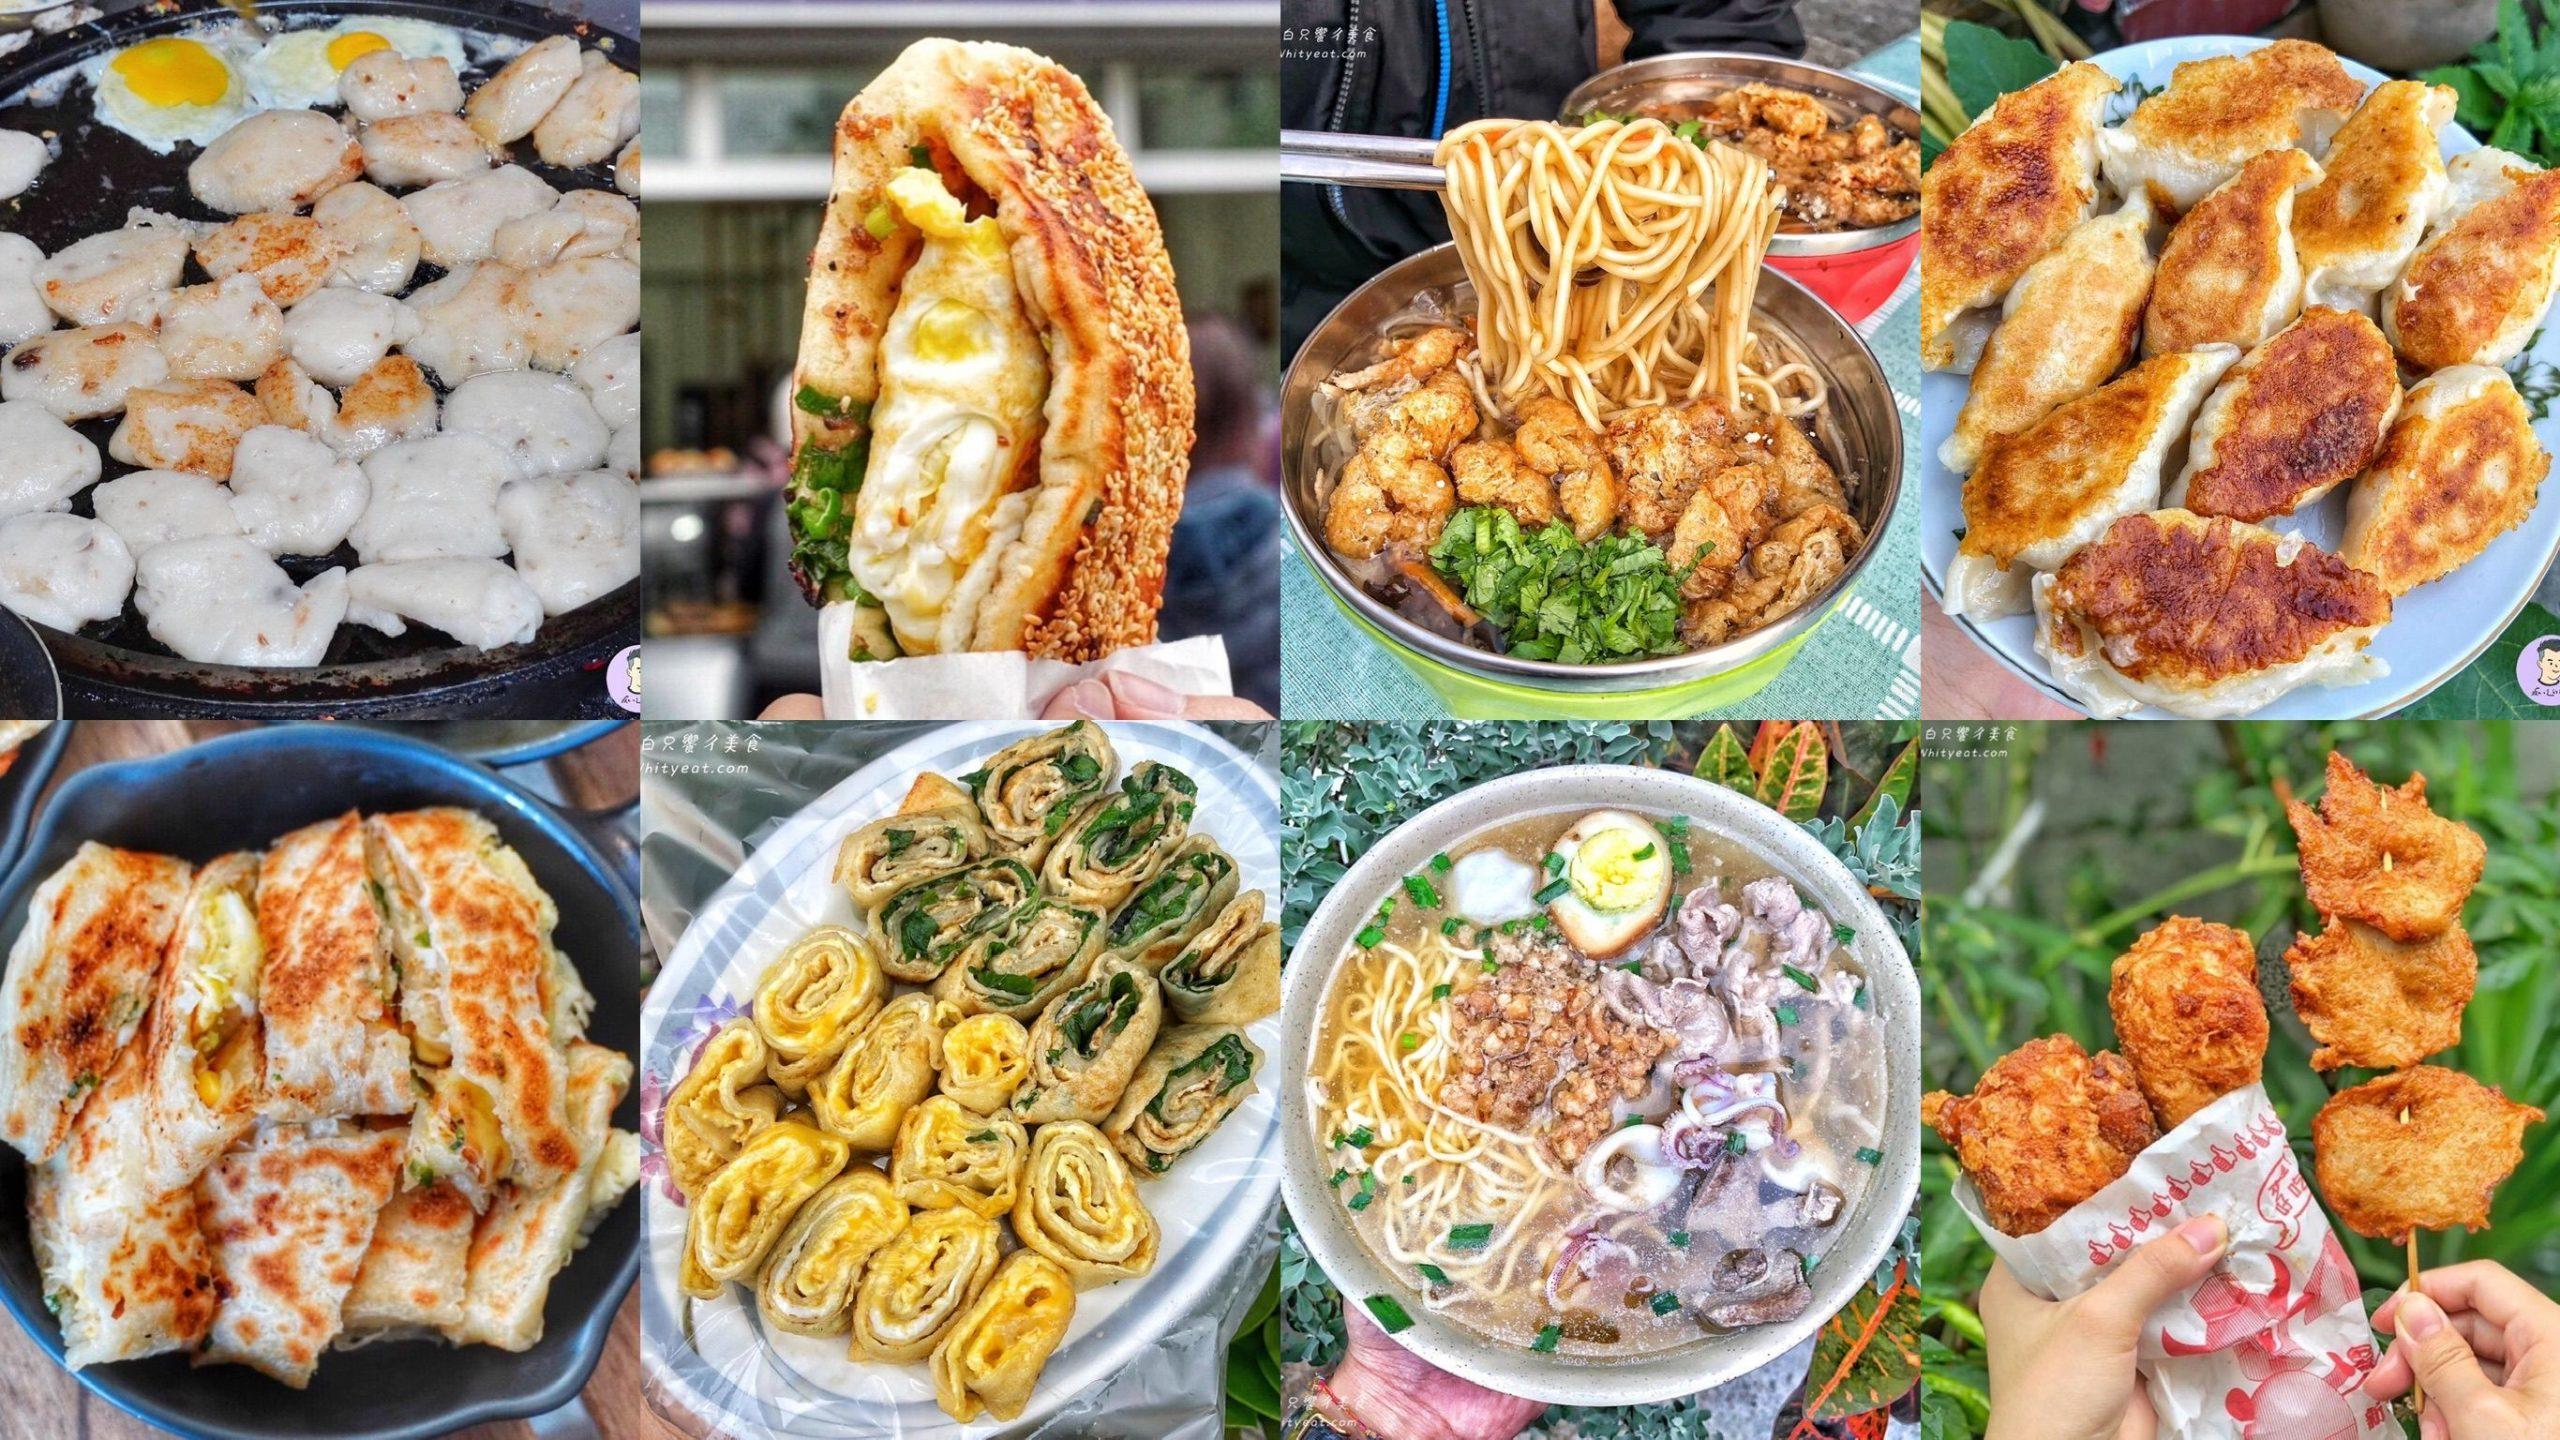 【台南美食】2021台南早餐懶人包|大台南各區超過80家早餐 隱藏版名單全收錄!(持續更新中)